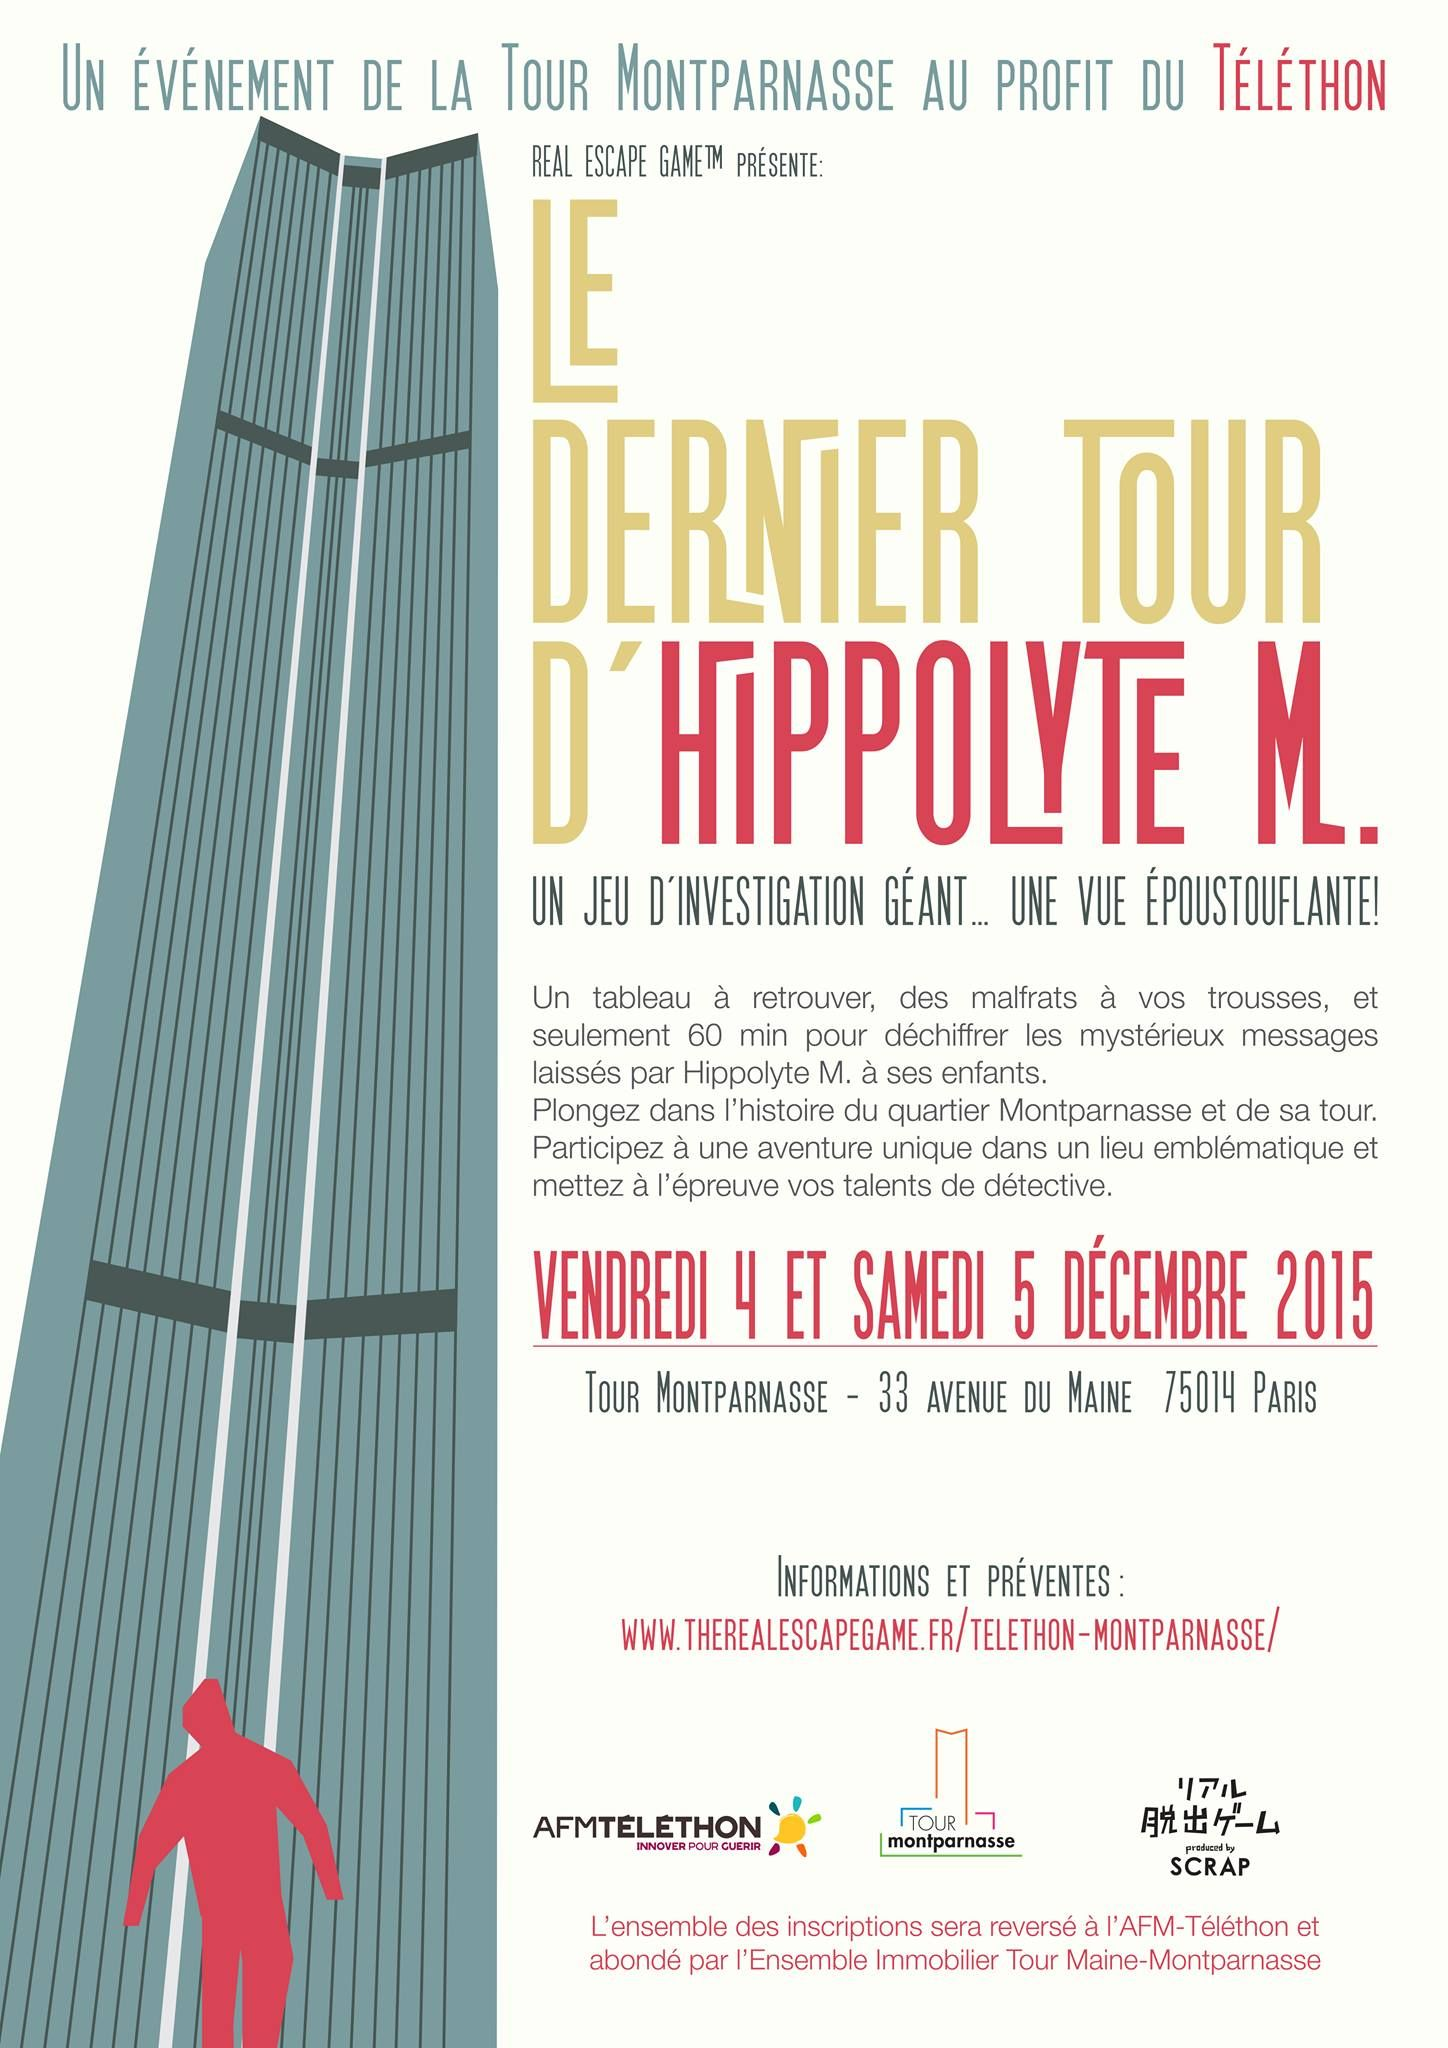 La Tour Montparnasse va proposer un Escape Game géant, au